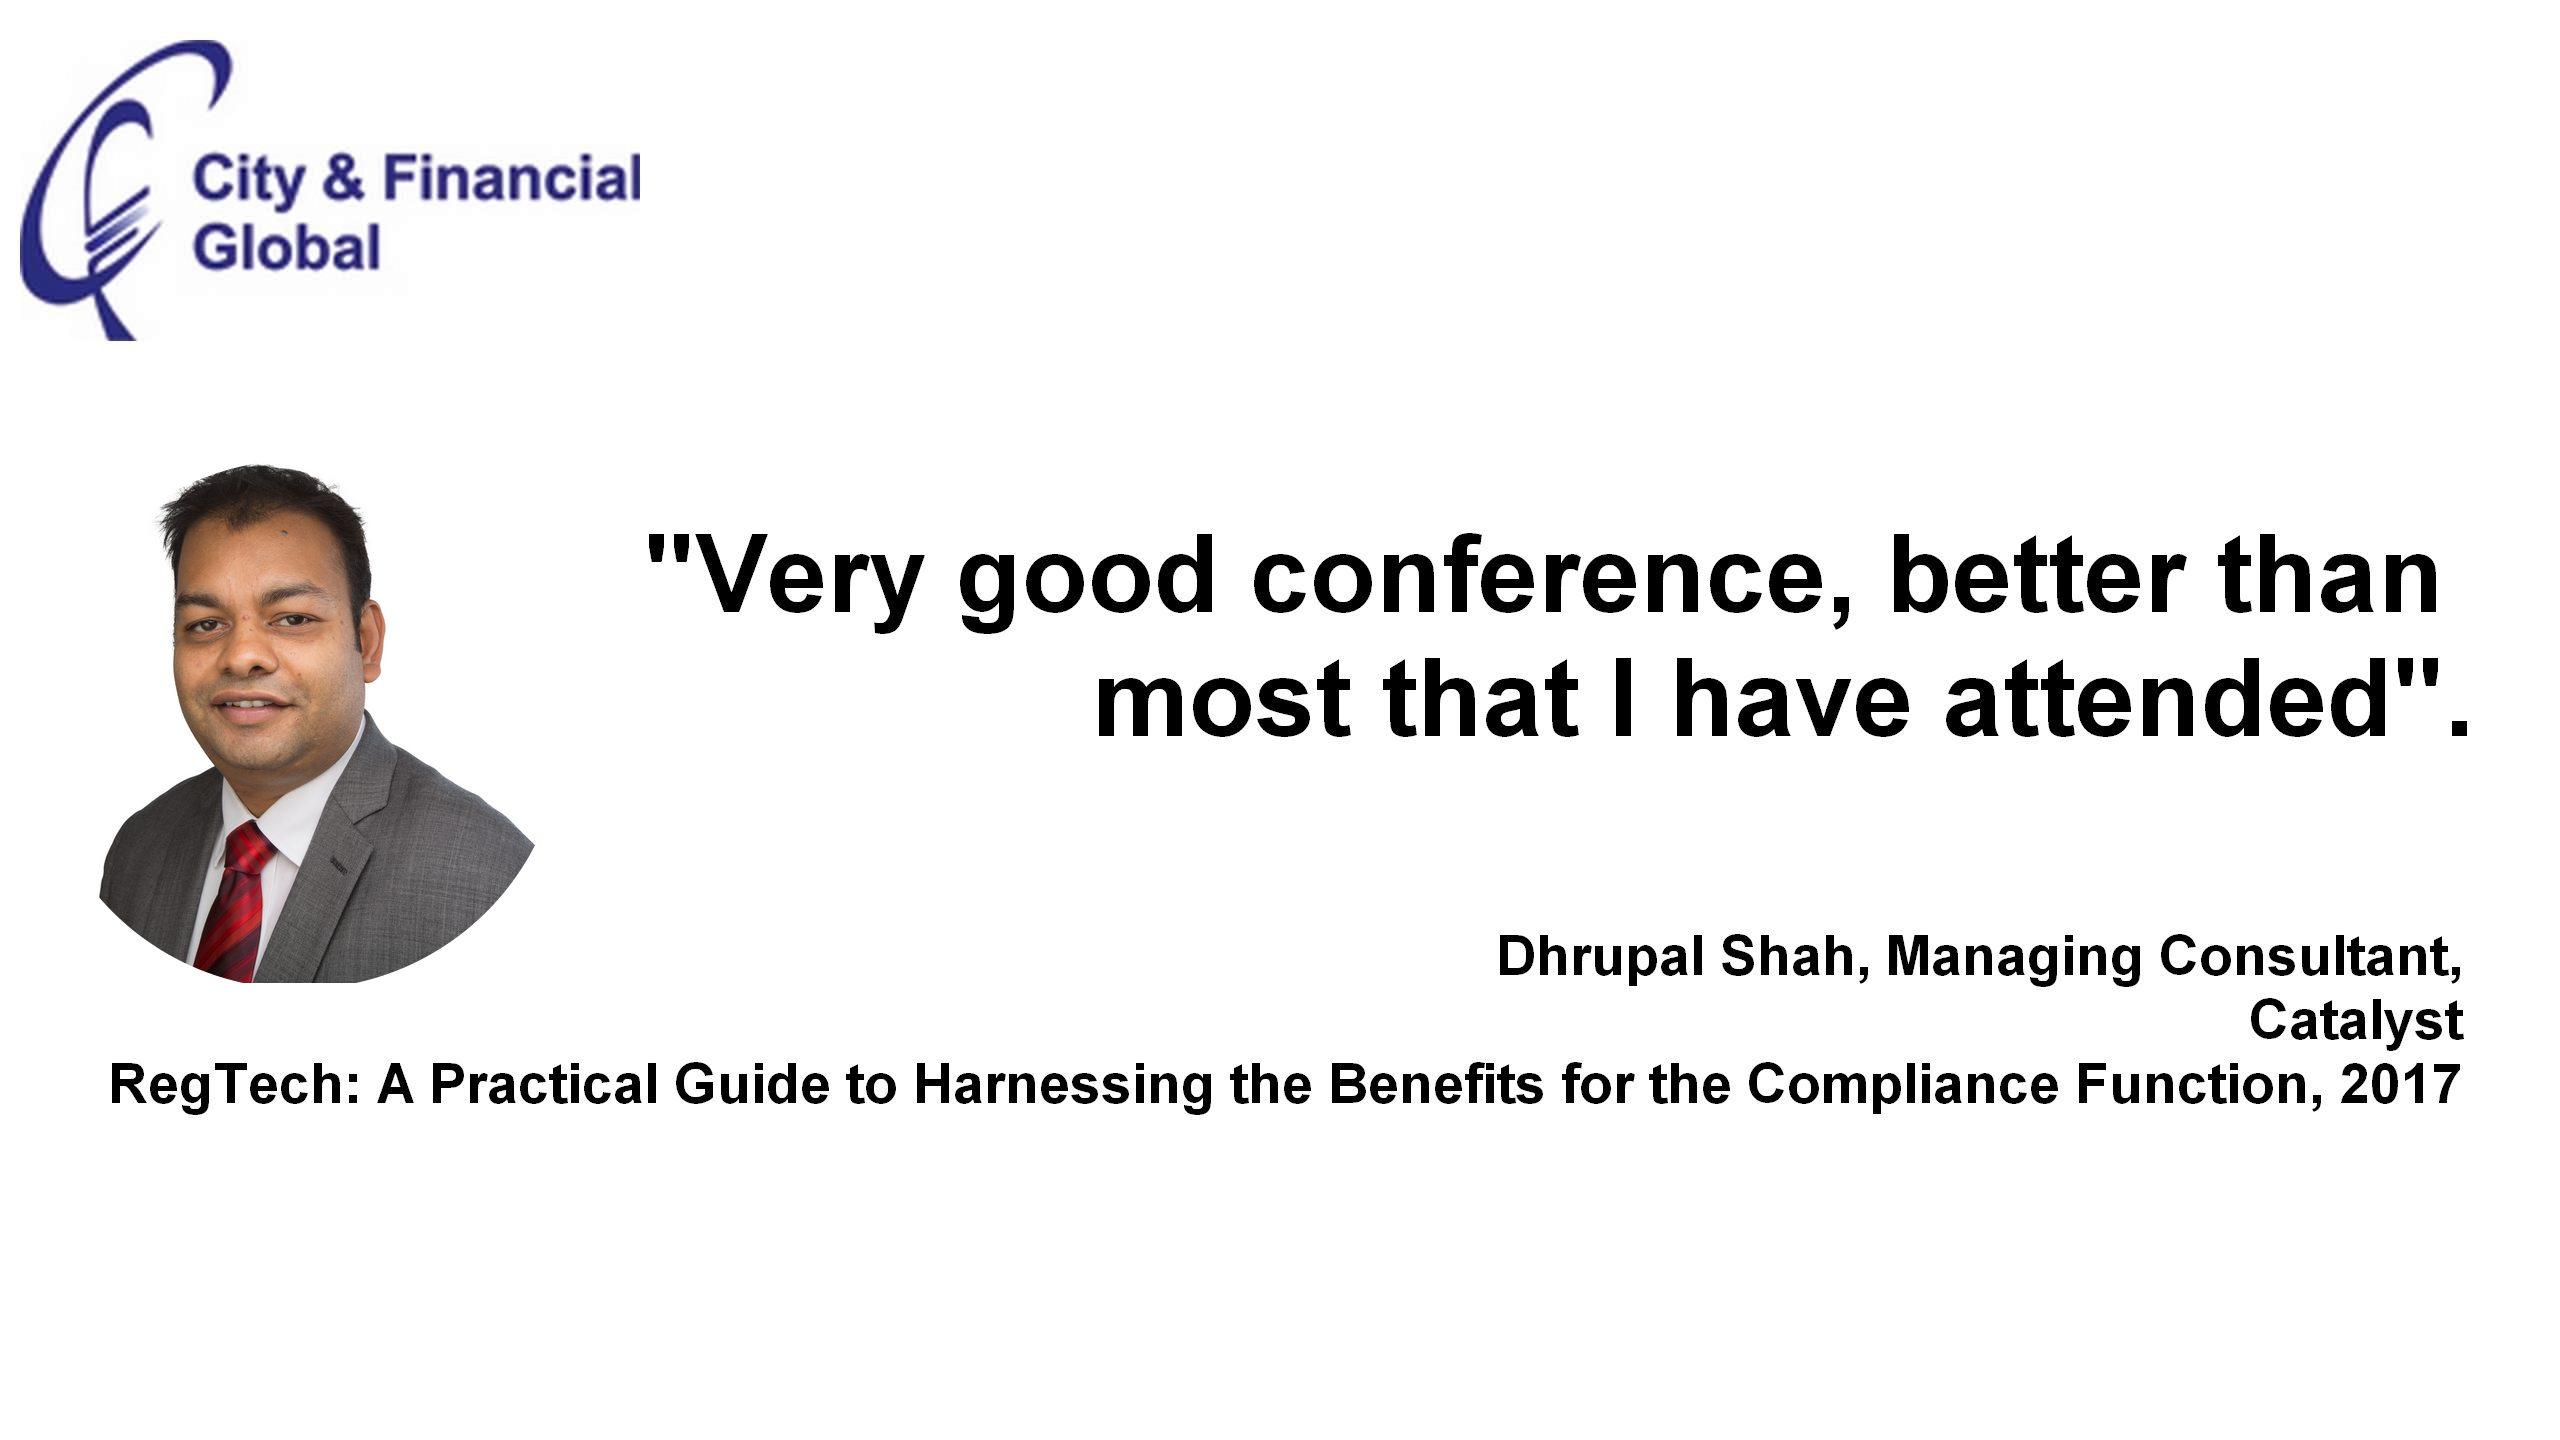 Dhrupal Shahnew